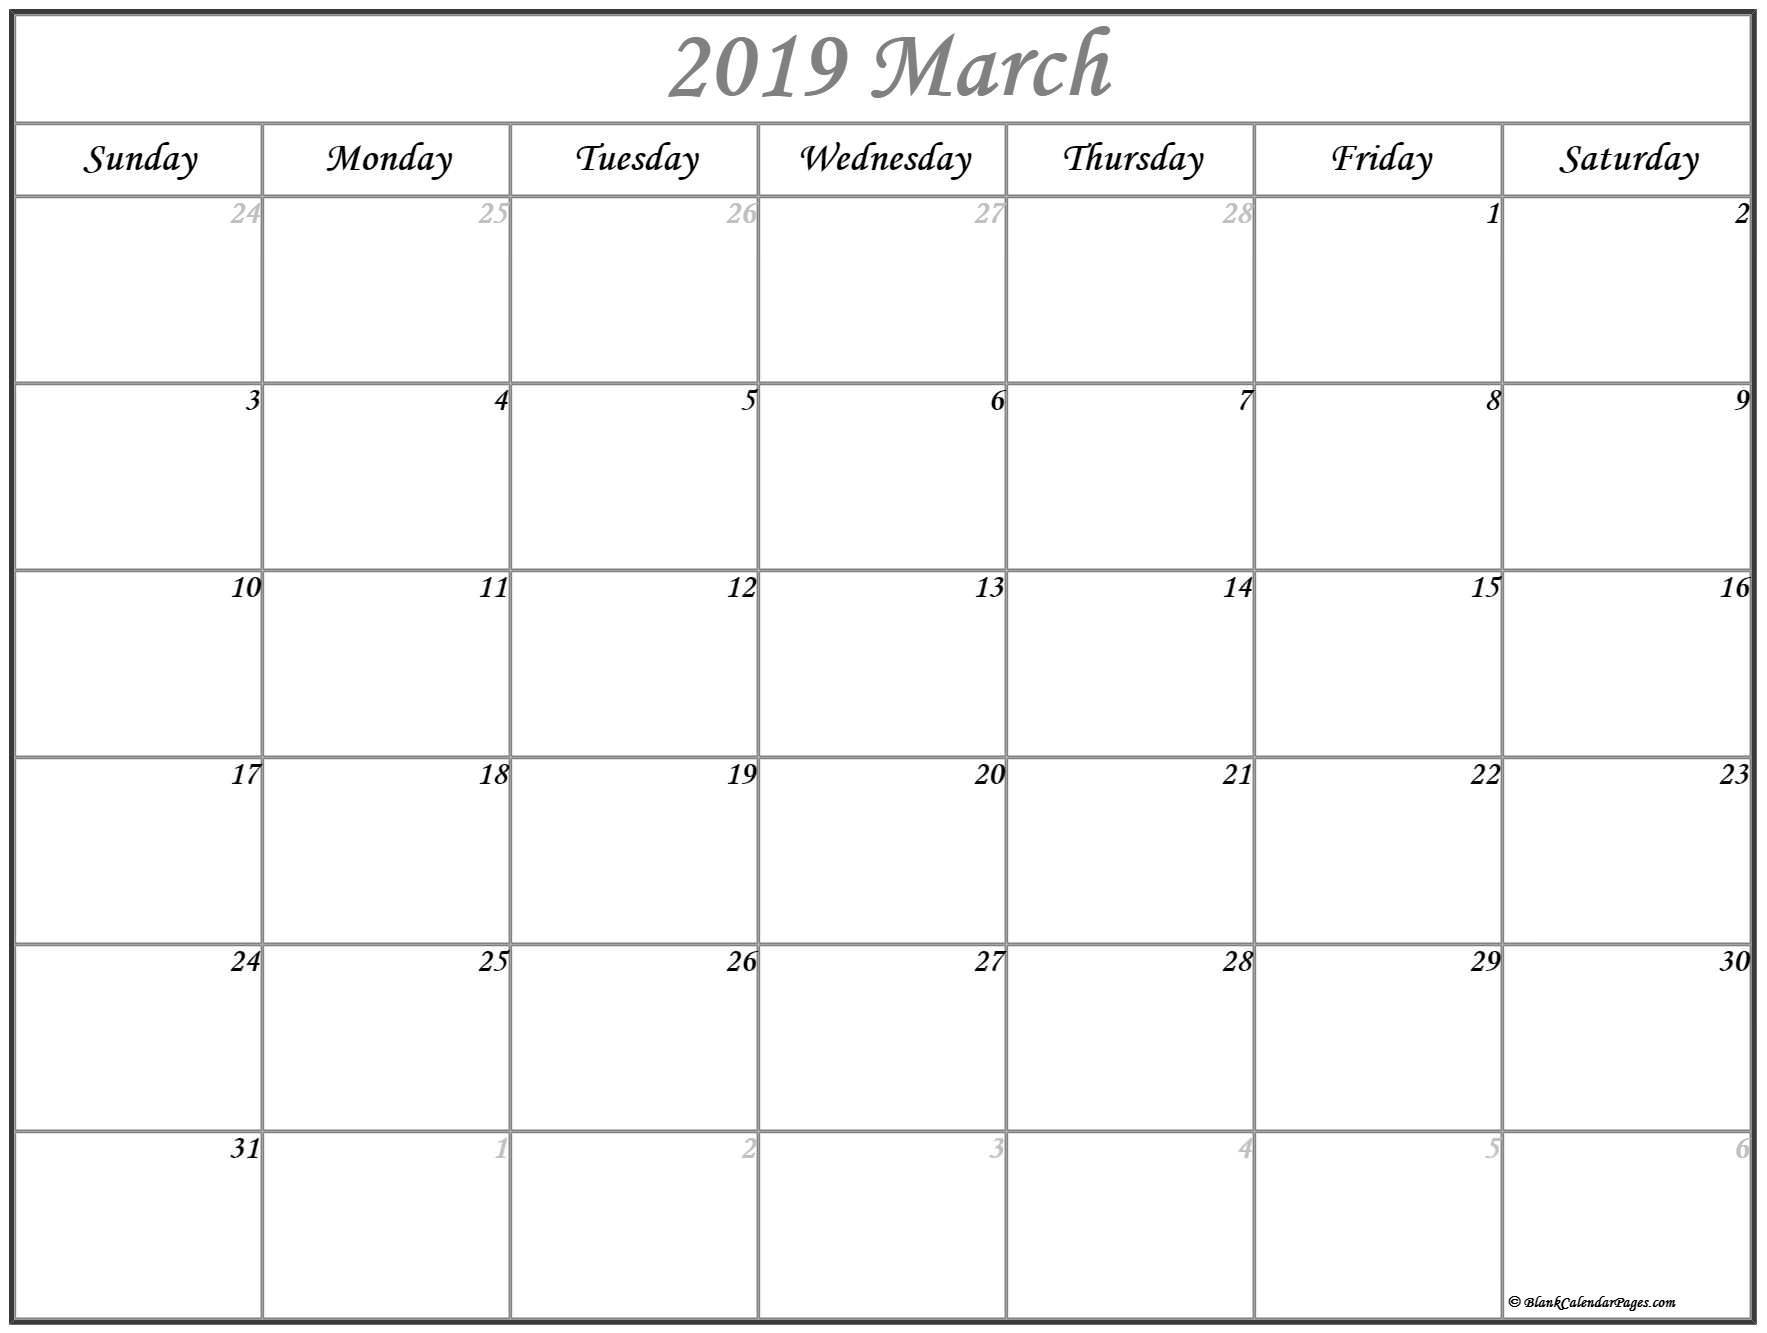 March Holiday Calendar 2019 Más Reciente March 2019 Calendar Of March Holiday Calendar 2019 Más Caliente Printable March 2019 Calendar Template Holidays Yes Calendars